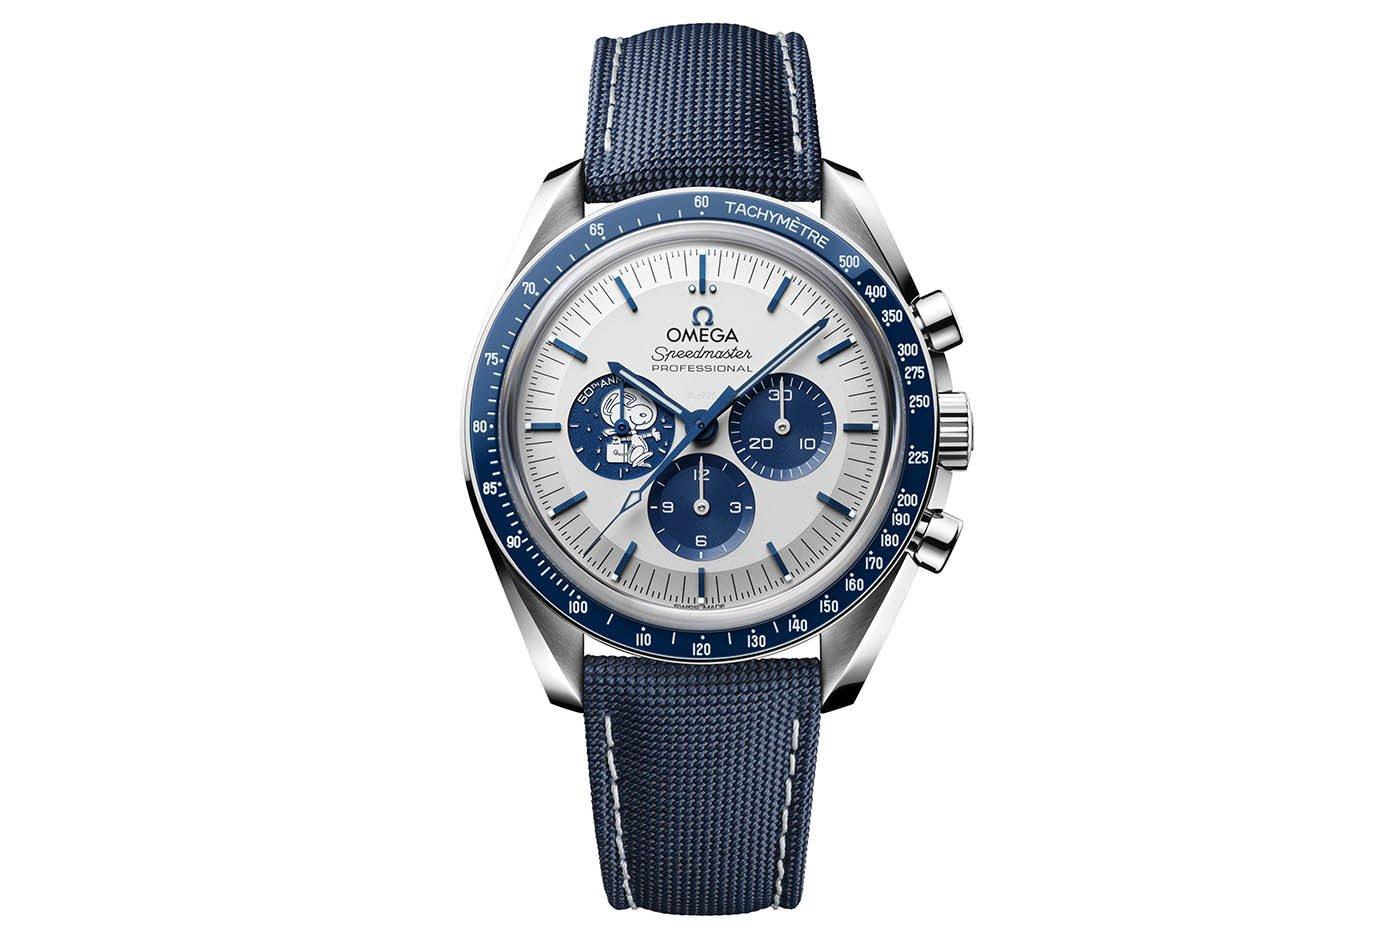 """ספידמאסטר """"Silver Snoopy Award"""" שנת ה-50. מקור - Monochrome Watches."""